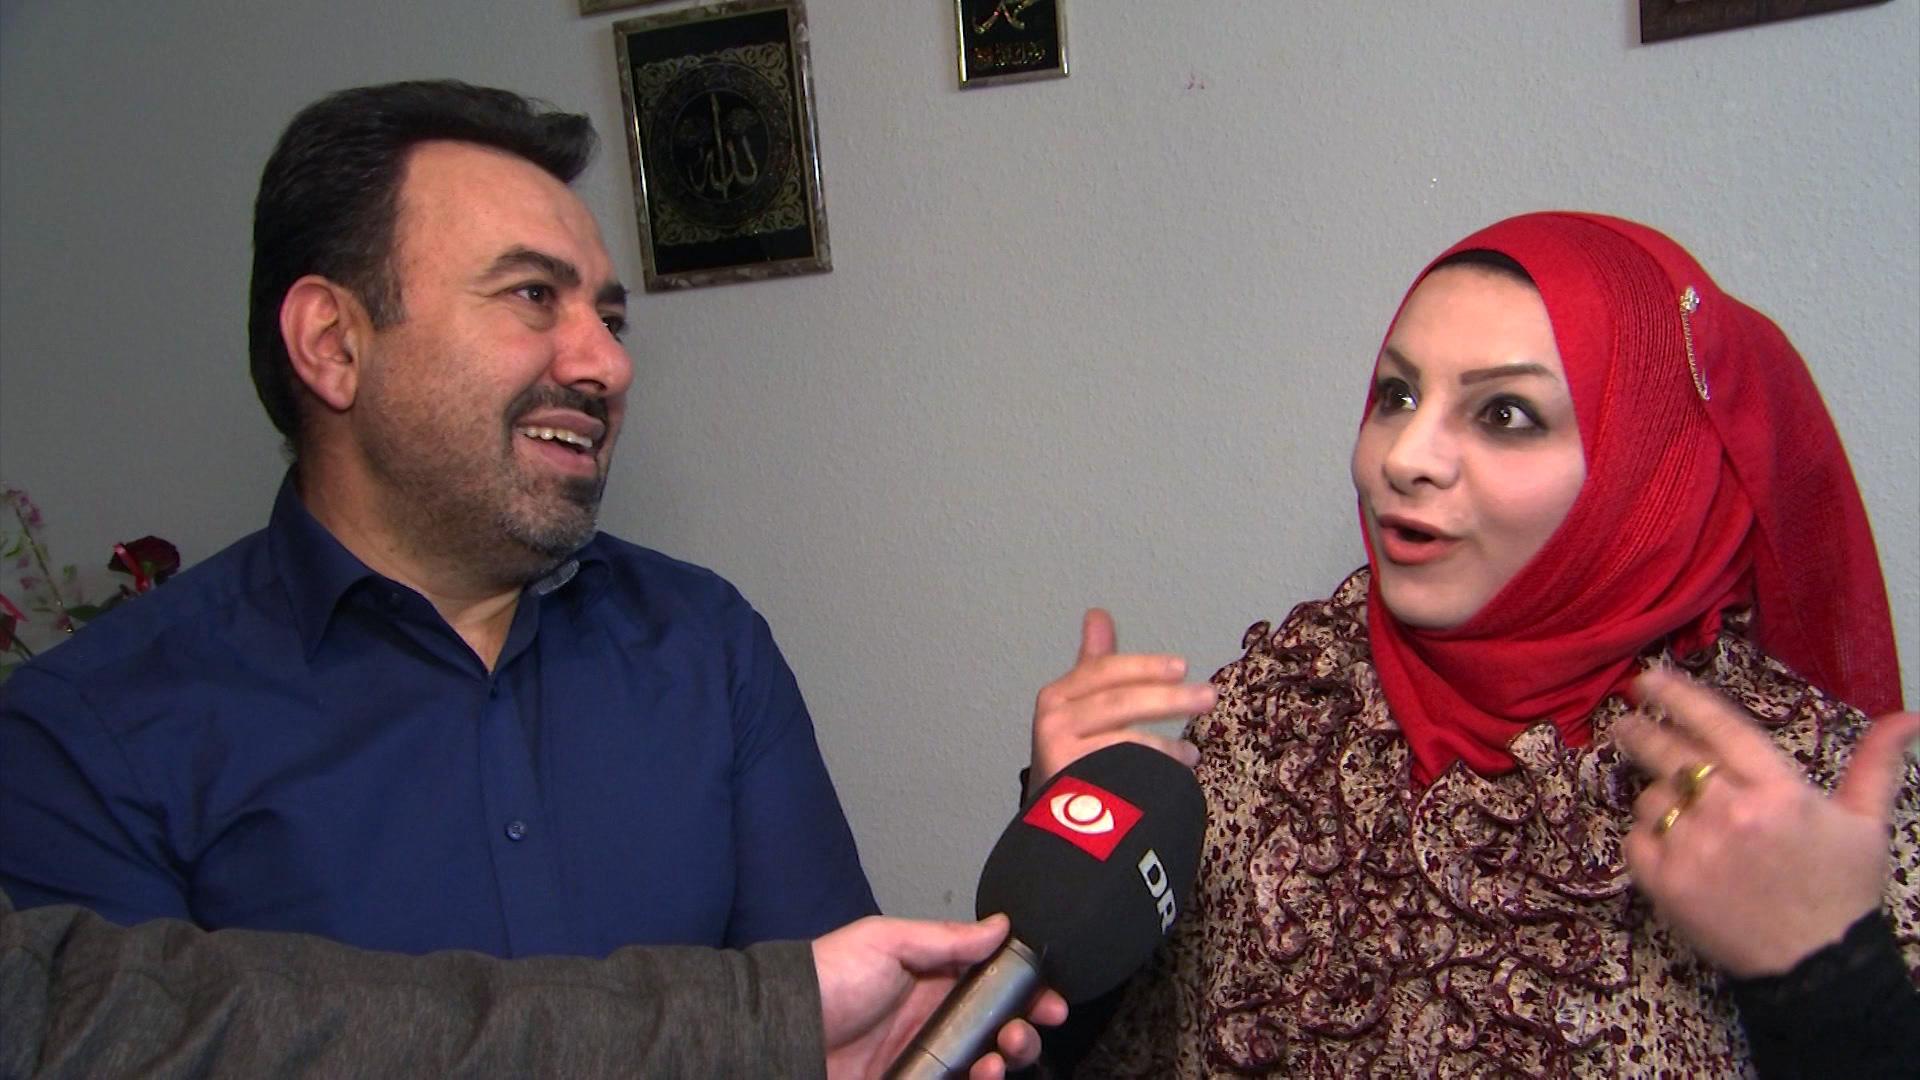 Ægteparret Gassan al-Mousawy og Ansam al-Shami